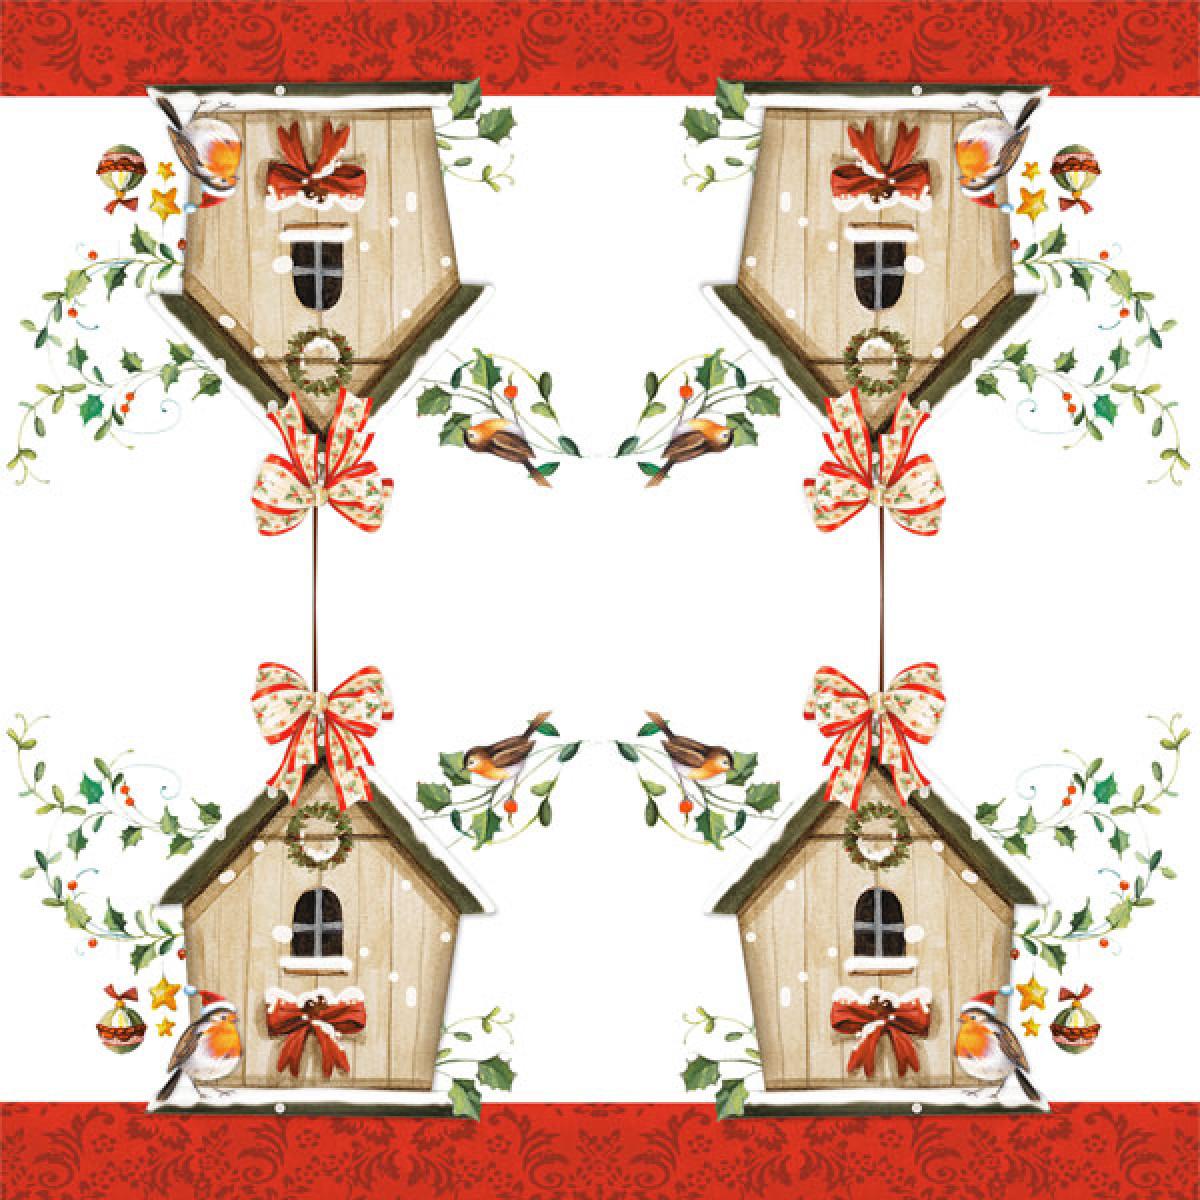 tischservietten vogelhaus im winter erzgebirgskunst drechsel. Black Bedroom Furniture Sets. Home Design Ideas